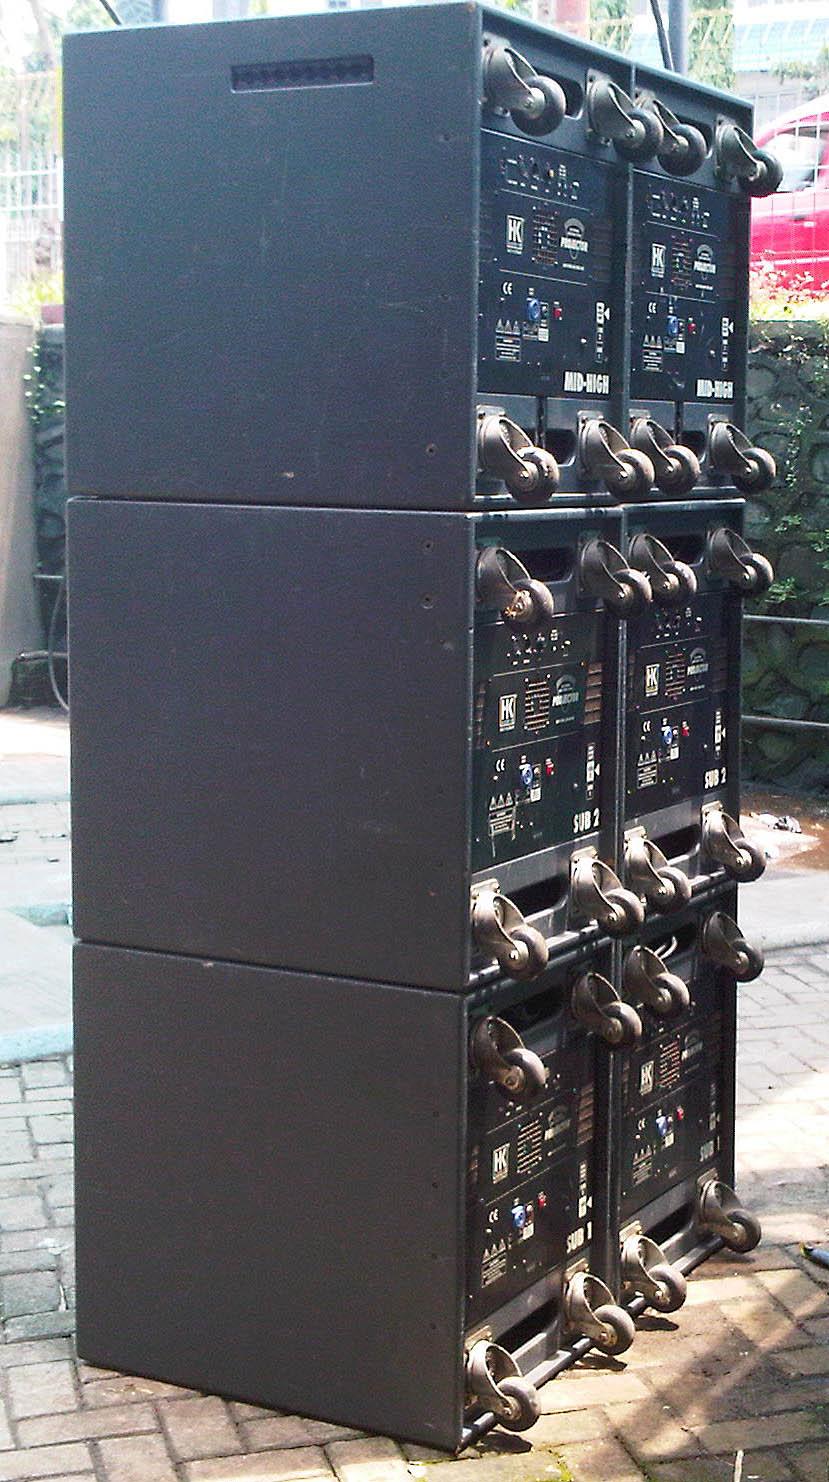 syst me son hk audio projector longue port e nord pas de calais audiofanzine. Black Bedroom Furniture Sets. Home Design Ideas